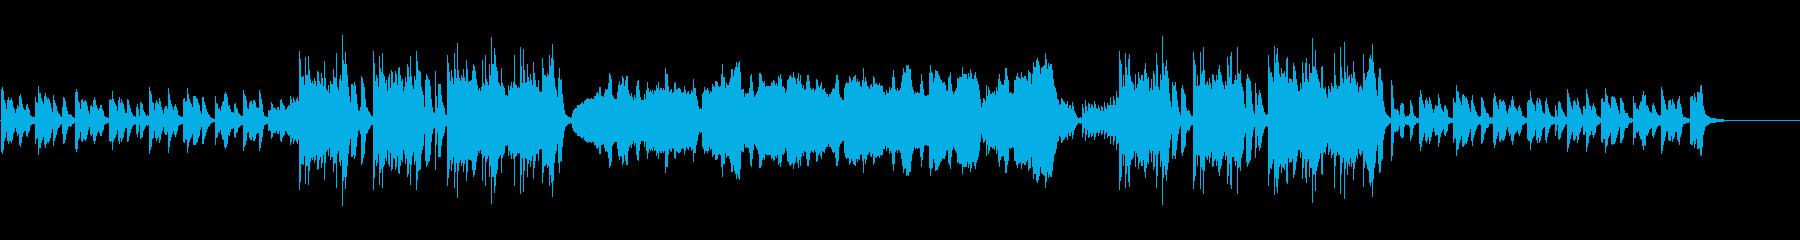 木琴と弦とピアノによる軽やかで楽しげな曲の再生済みの波形